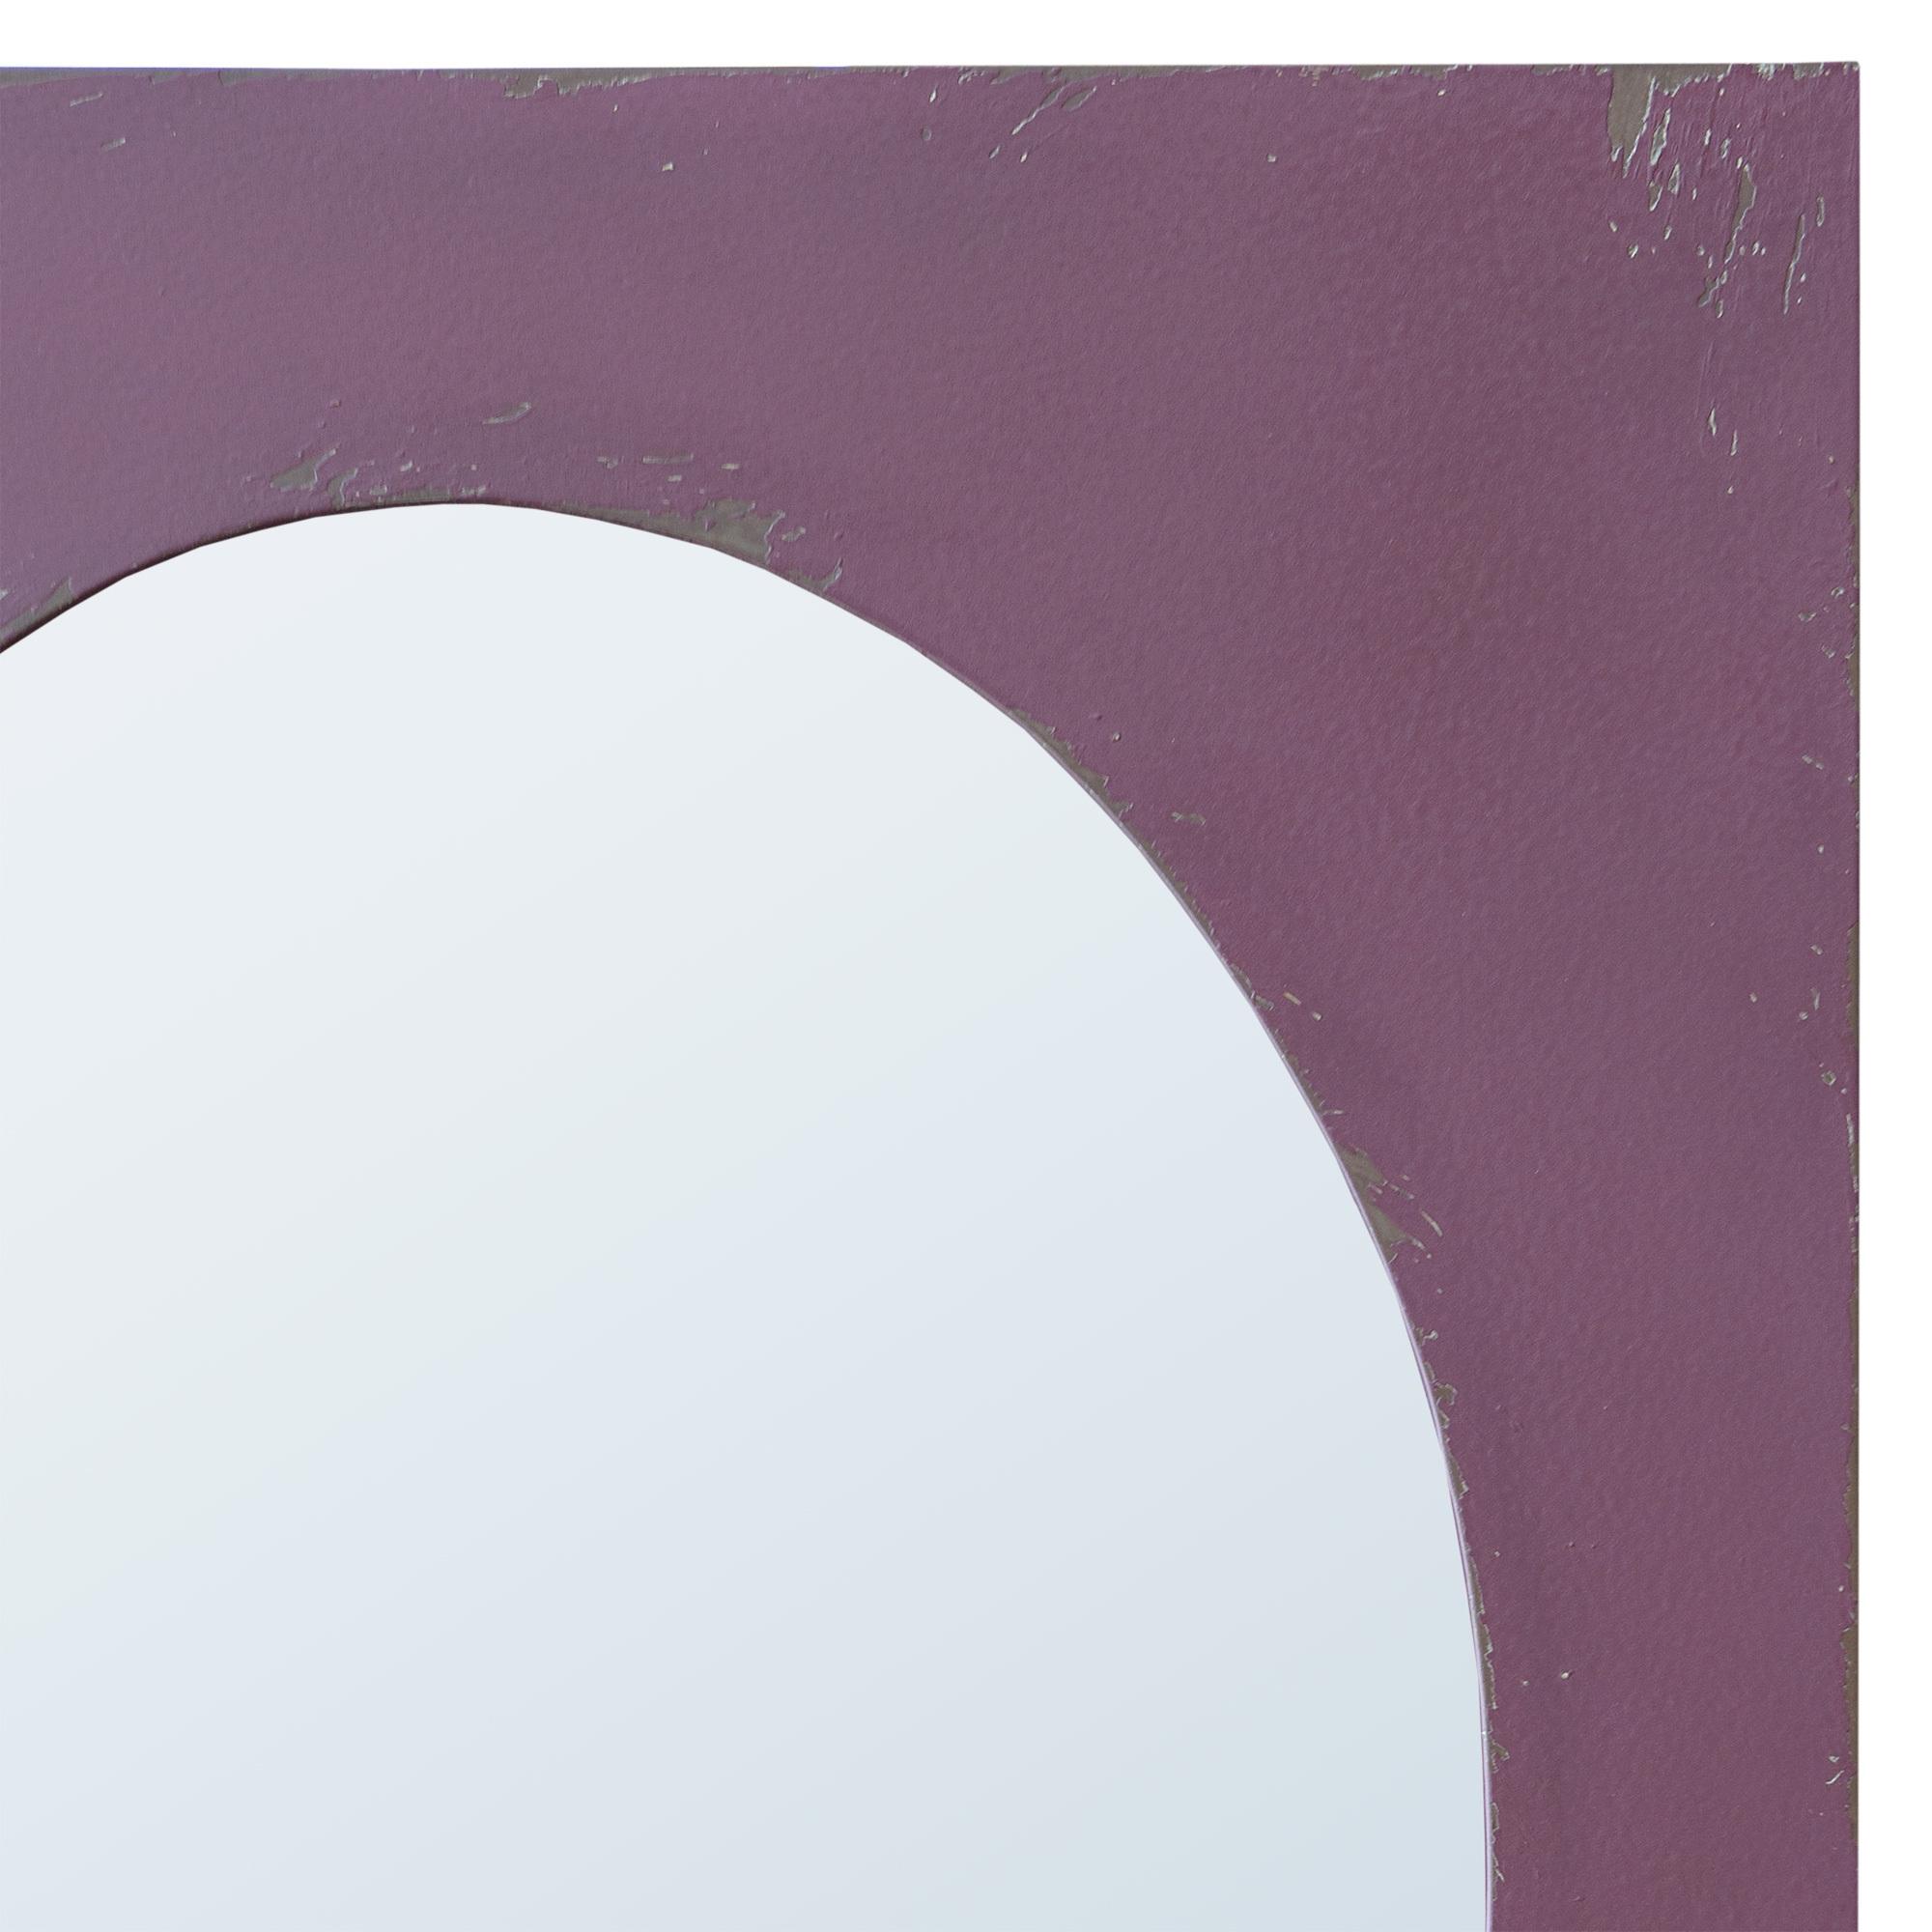 Purple Distressed Decorative Oval Wall Bedroom Hall Bathroom Mirror